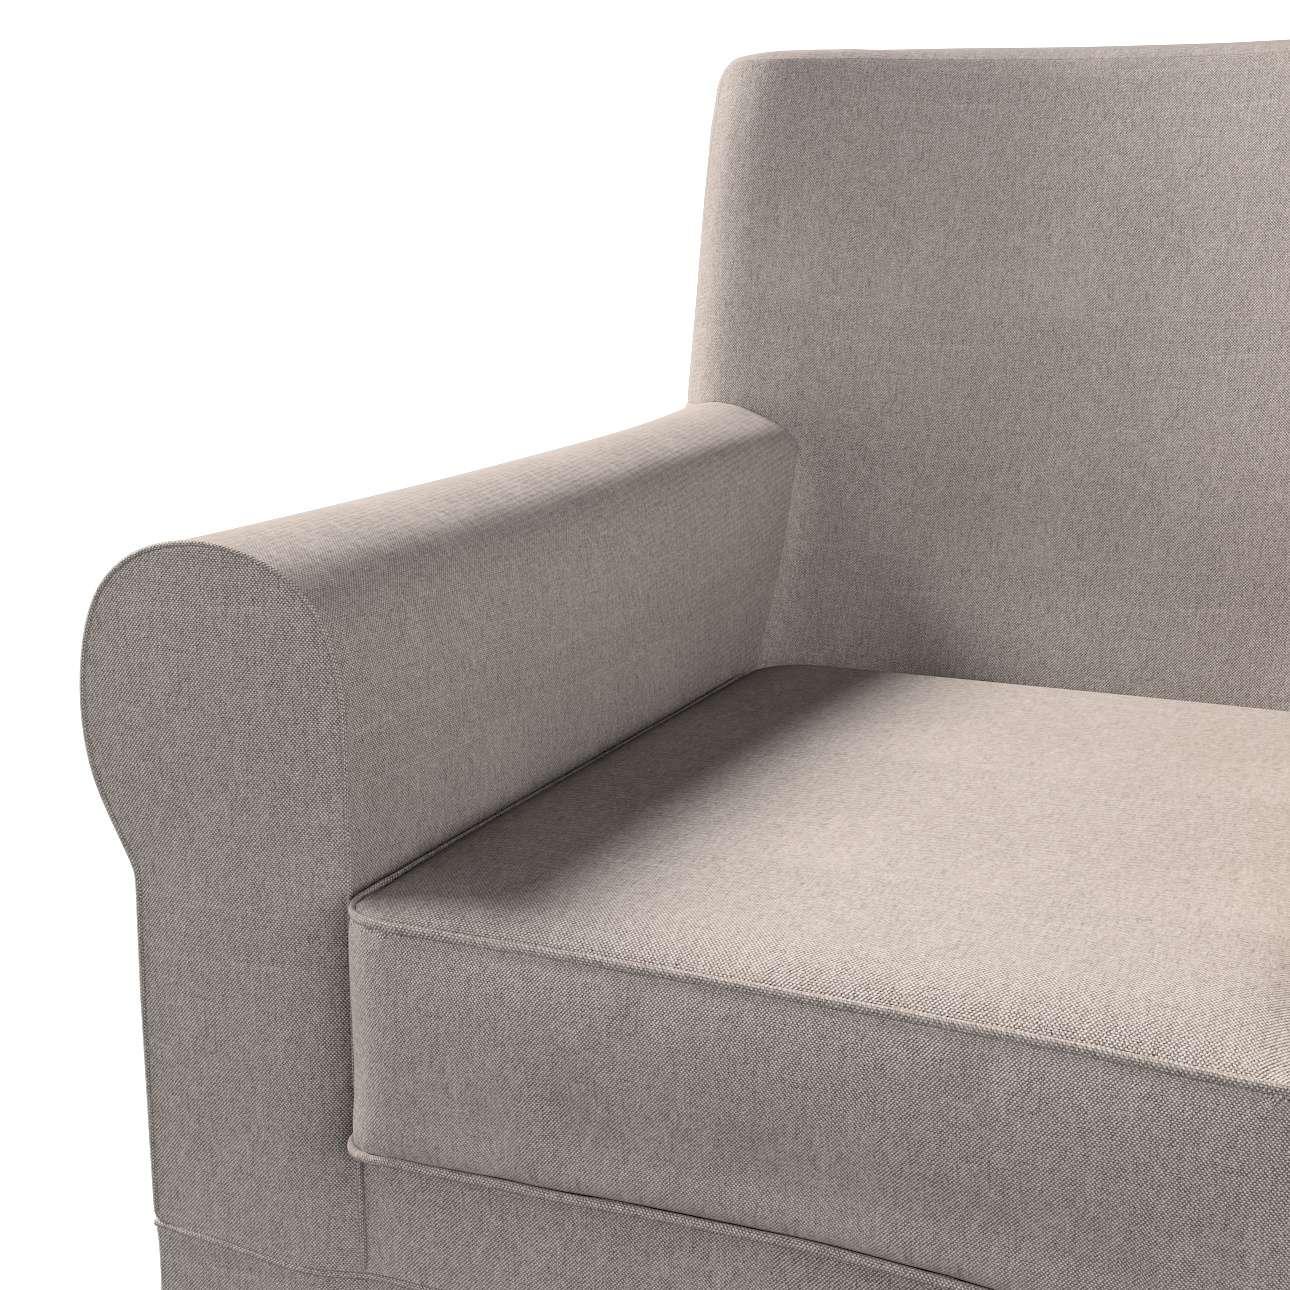 Pokrowiec na fotel Ektorp Jennylund w kolekcji Etna, tkanina: 705-09